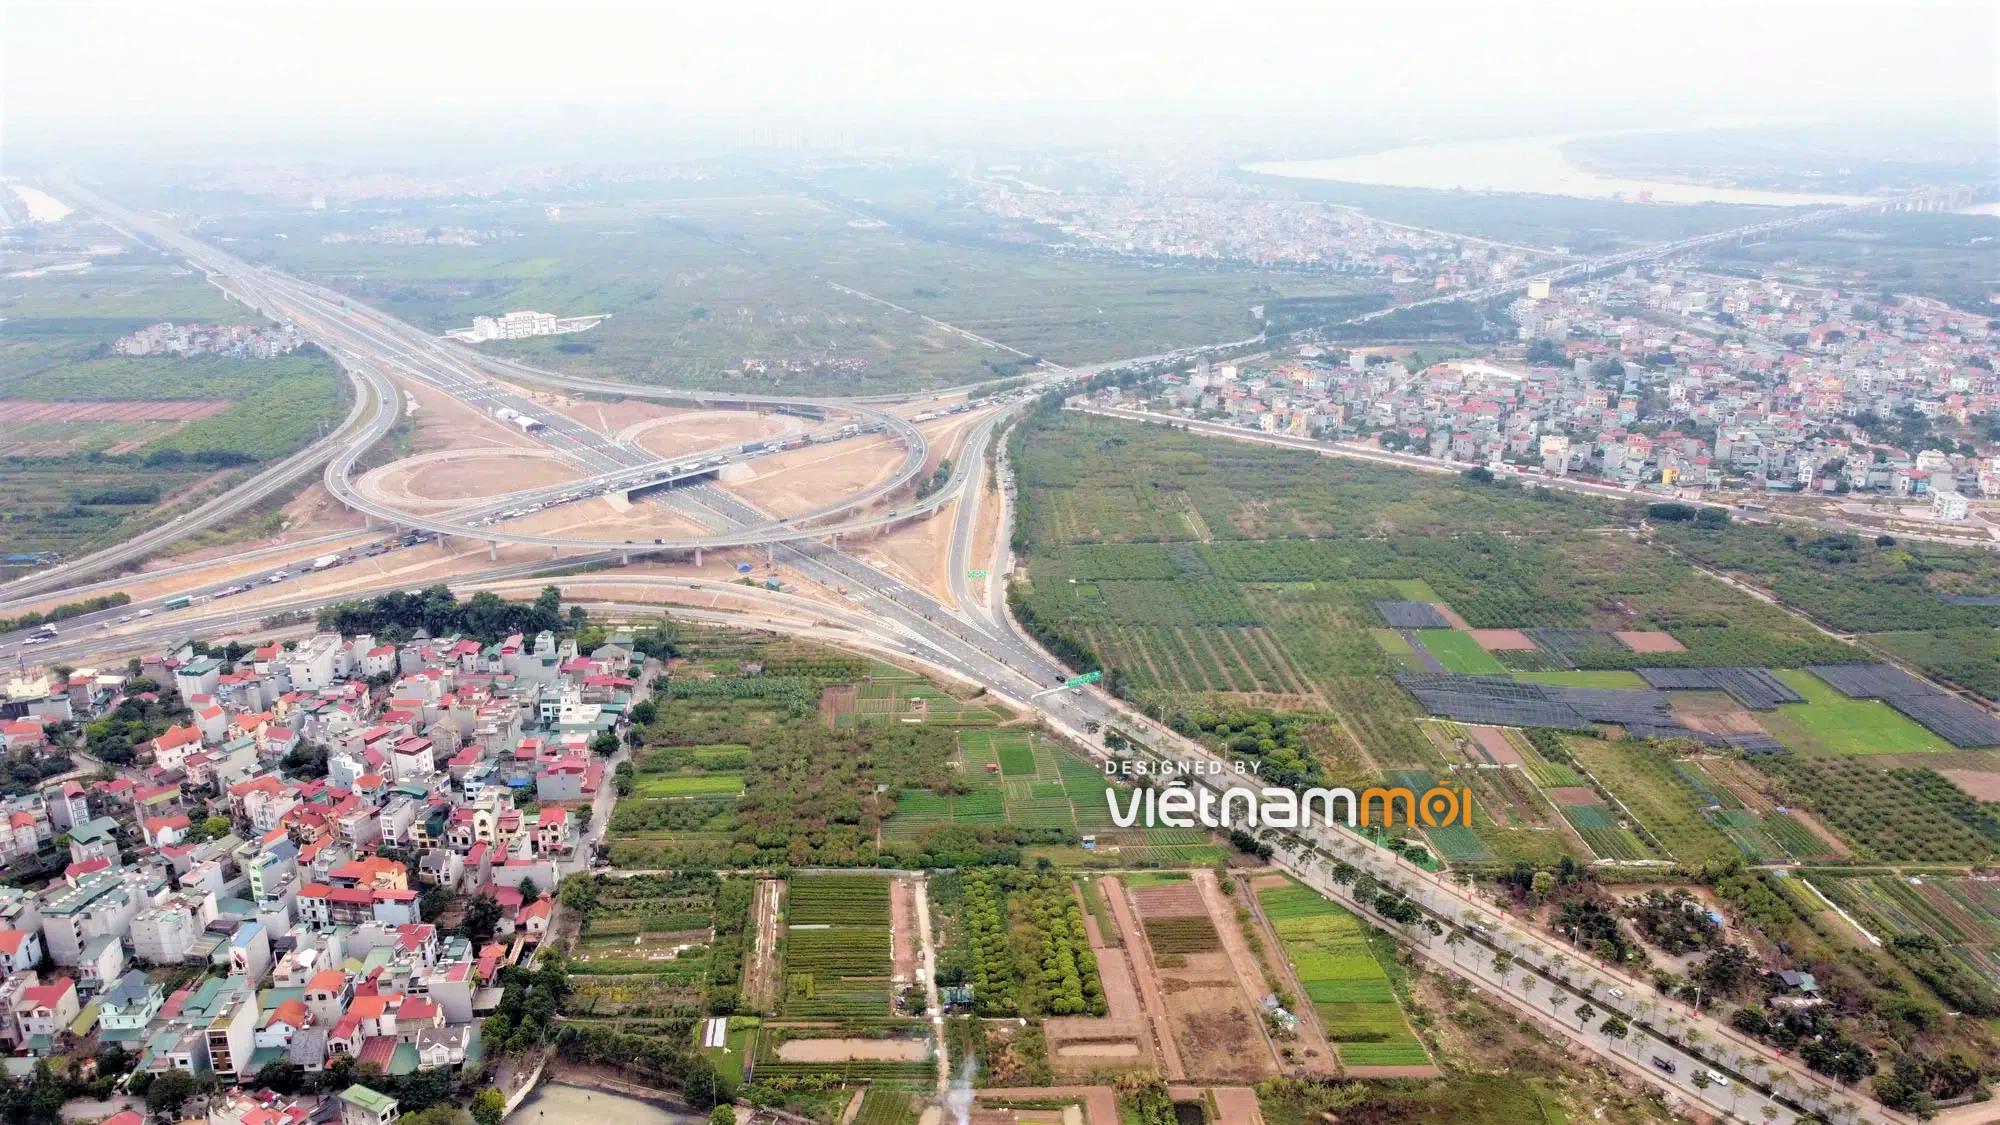 26 dự án đường giao thông sẽ triển khai năm 2021 tại huyện Gia Lâm - Ảnh 1.